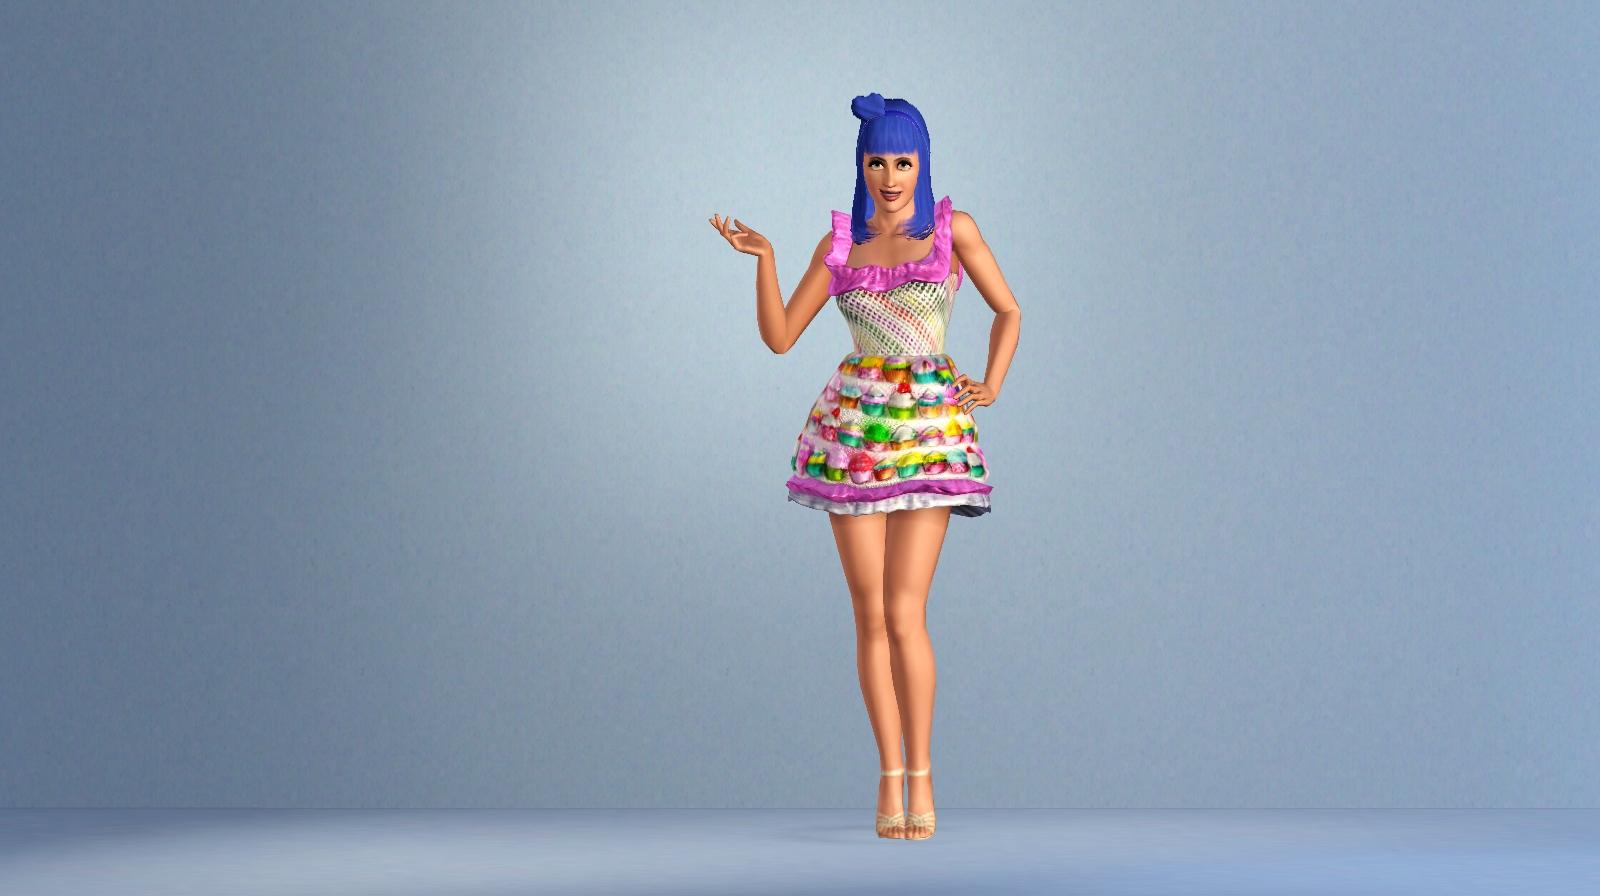 Imágen ampliada Los Sims 3: Katy Perry Dulce Tentación